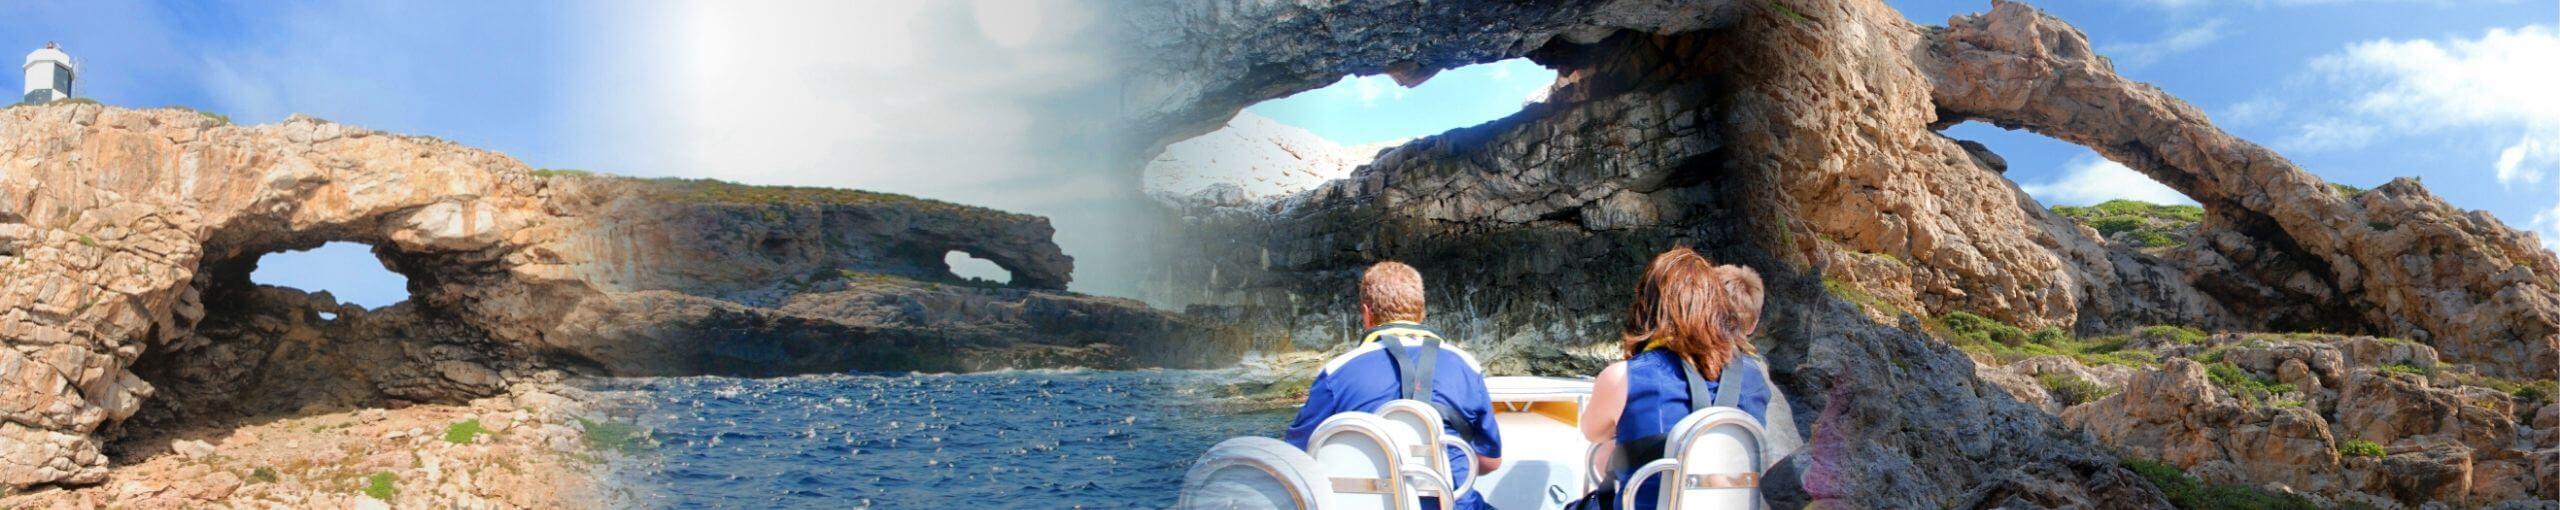 Mar Cabrera. Excursiones al Parque Nacional de Isla Cabrera. Islas Baleares.